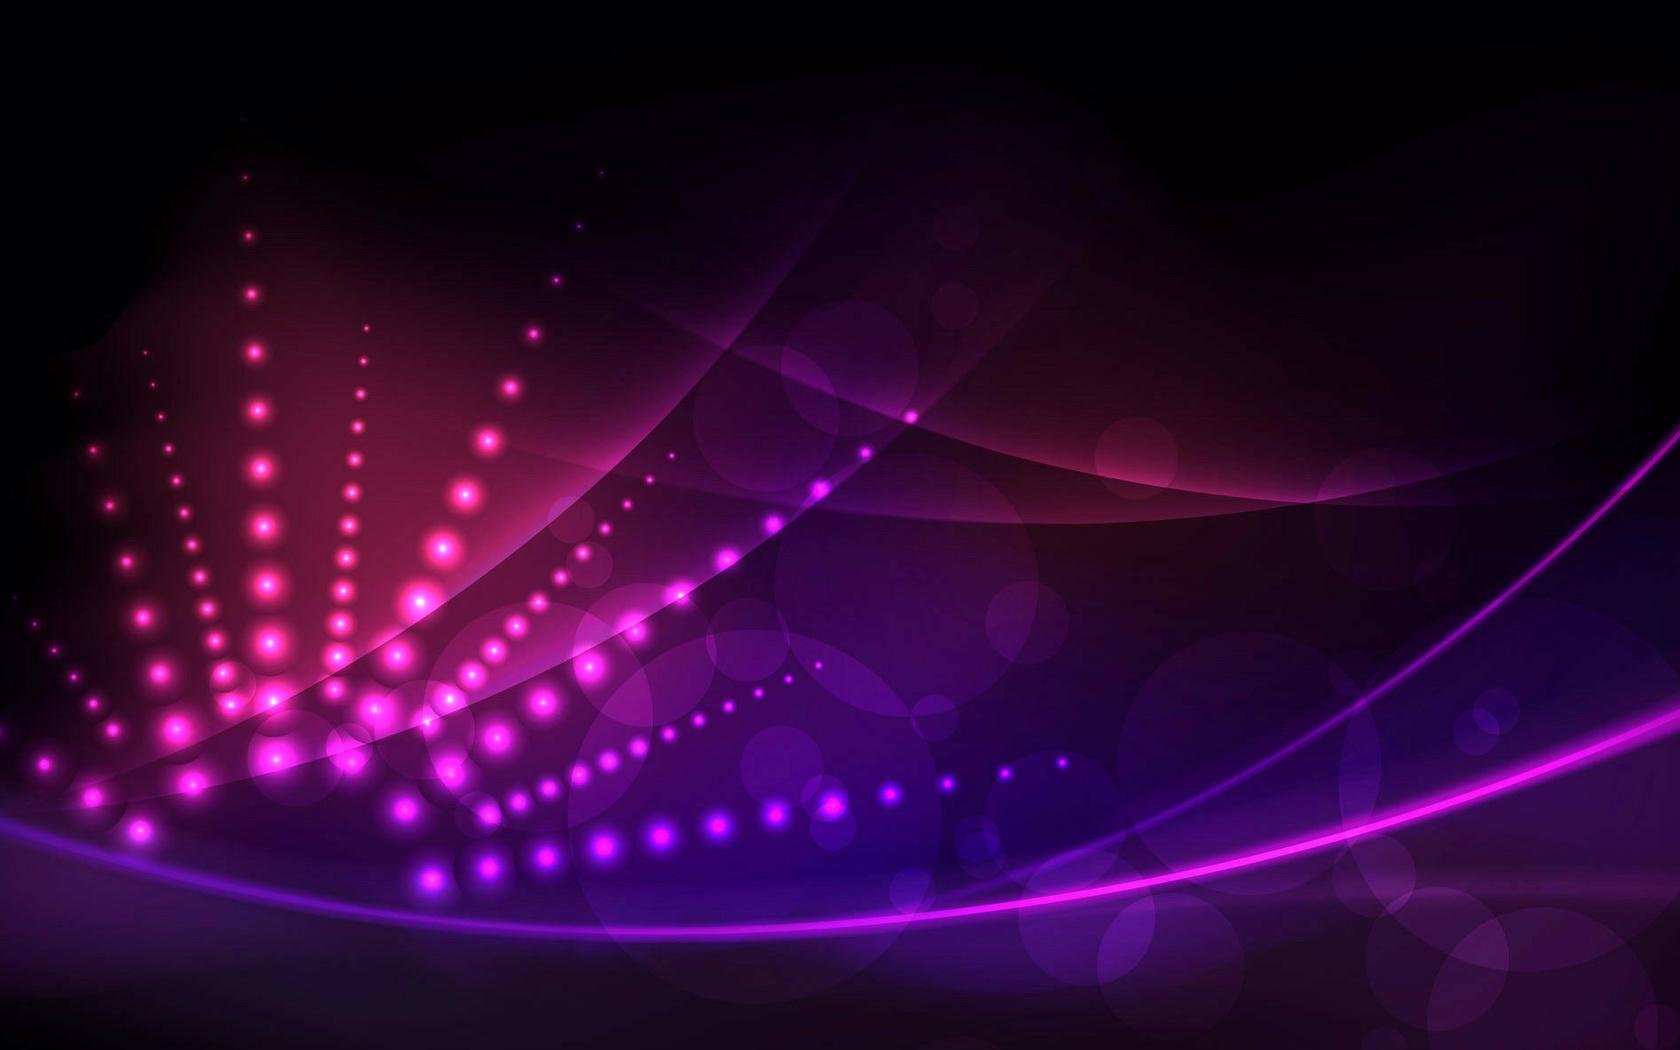 линии, красивая, огни, черный фон, круги, Абстракция